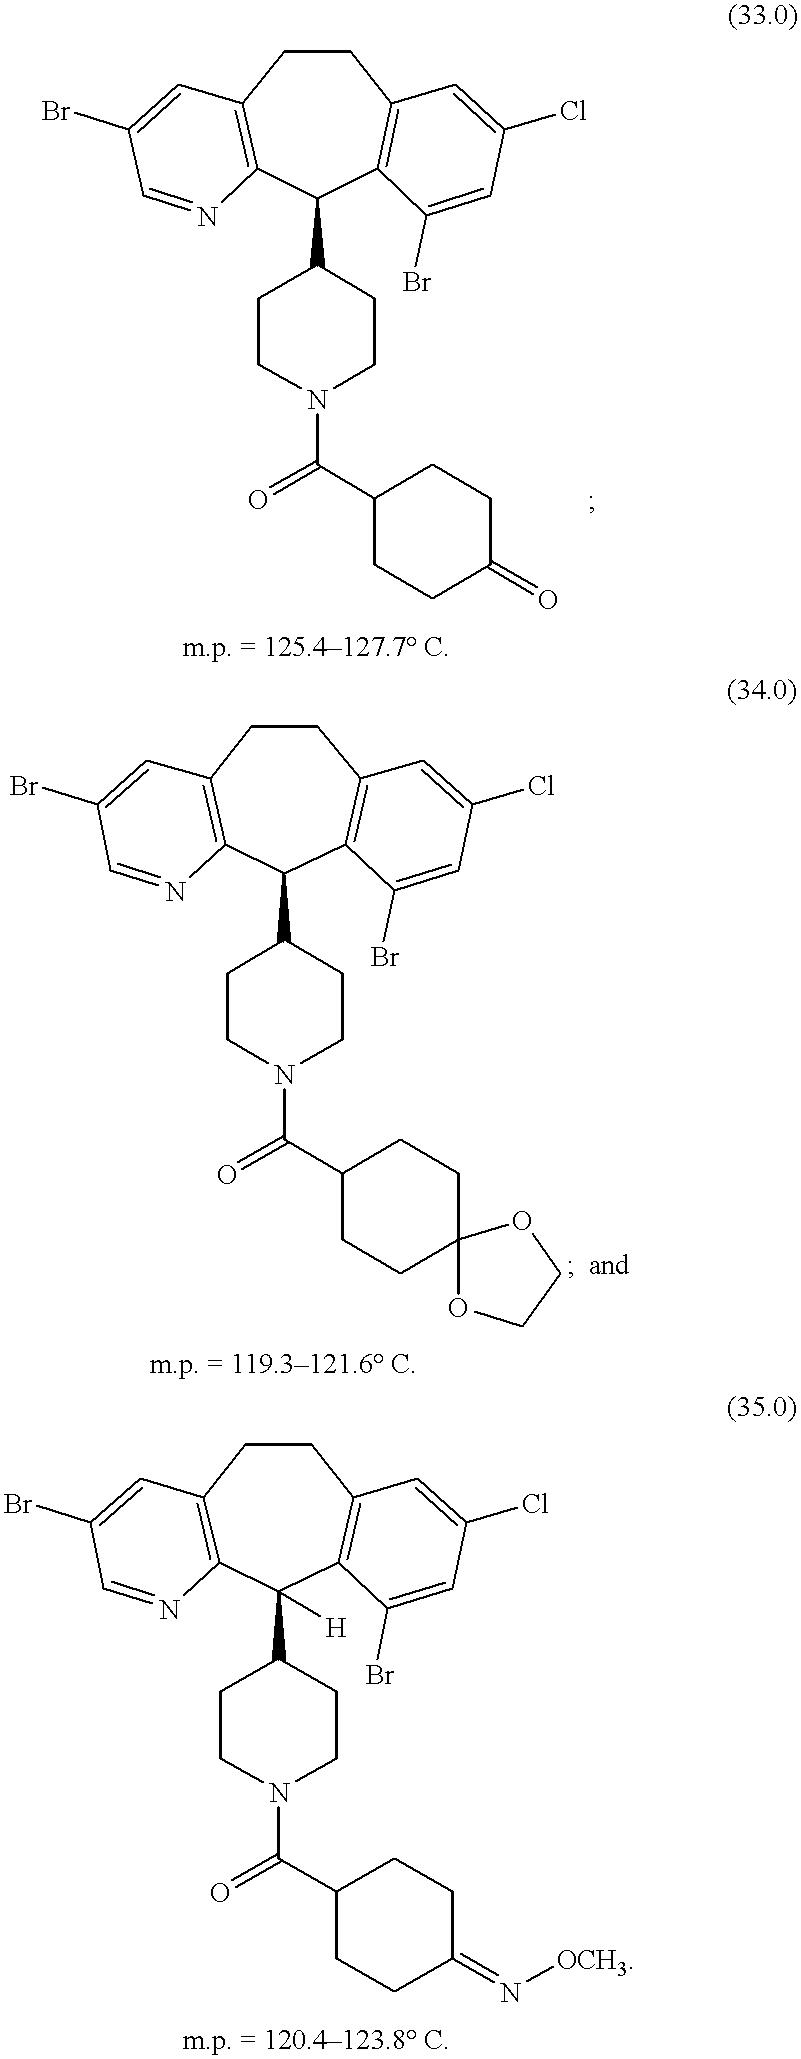 Figure US06211193-20010403-C00025